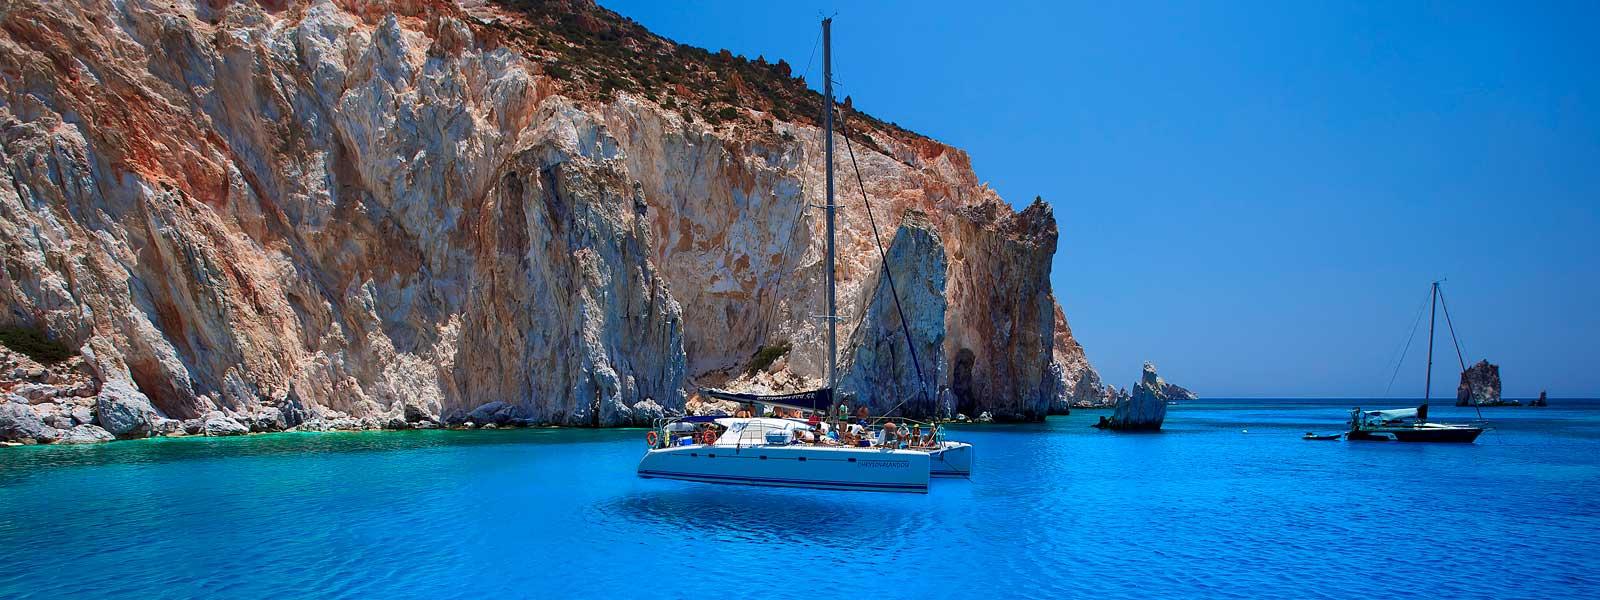 kolkata to greece tour package